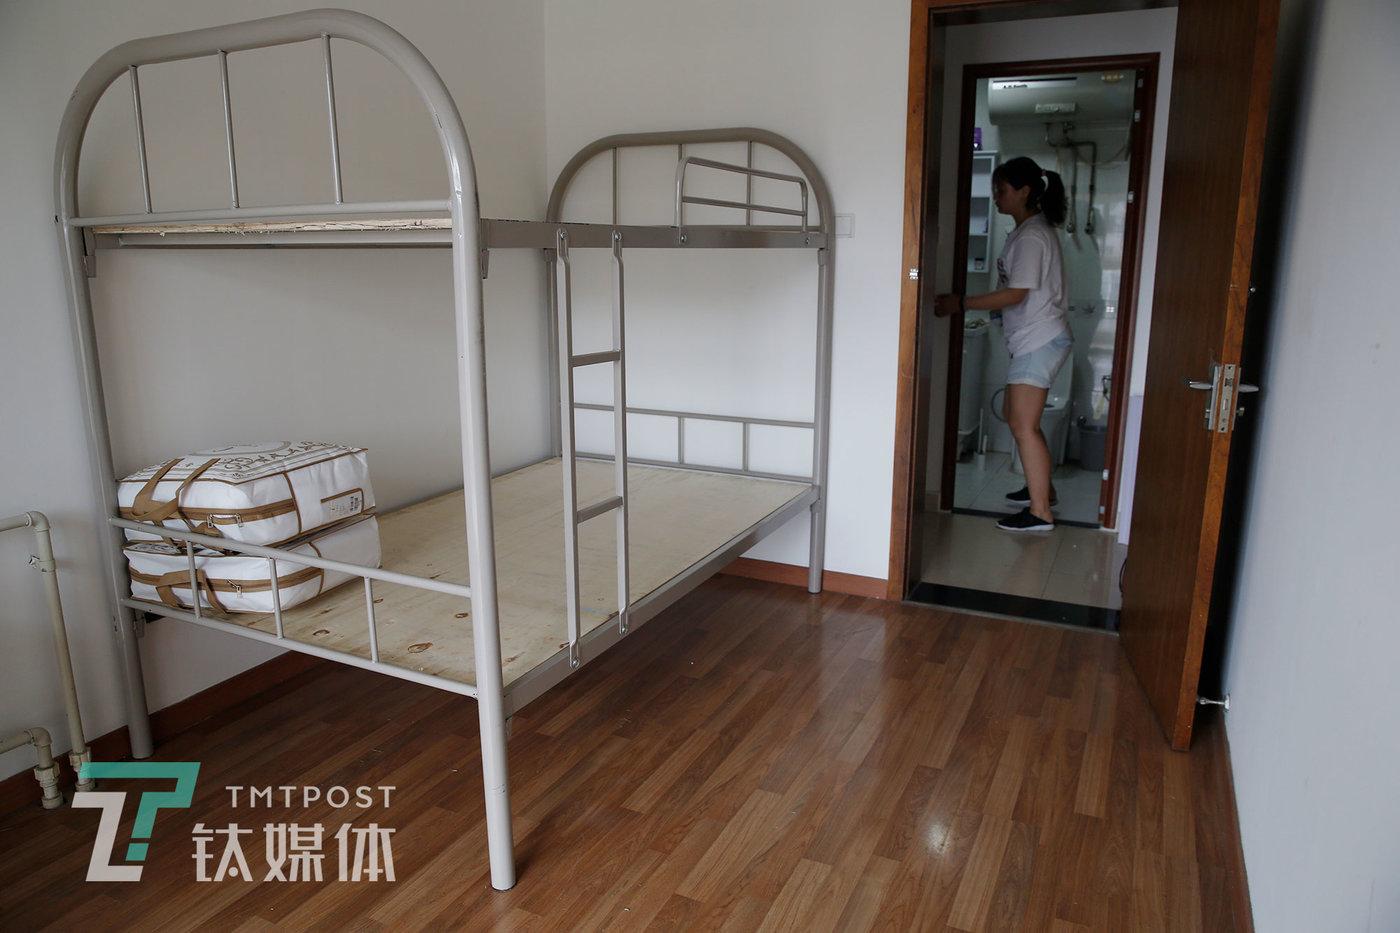 瞻云云的新工作室内,一房间里摆放着为员工准备的新床。